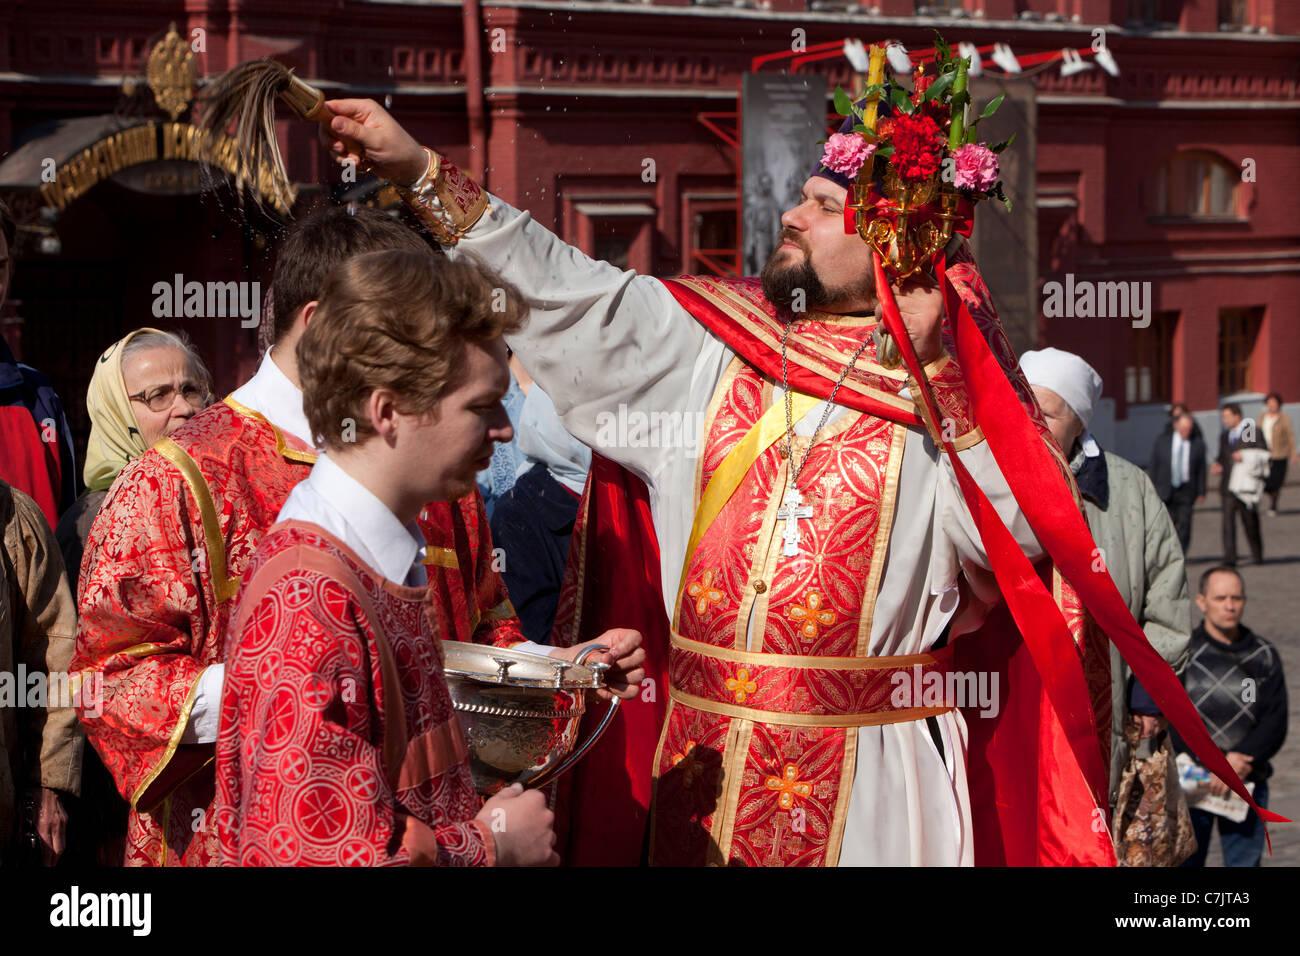 Célébrations de Pâques à l'extérieur de la cathédrale de Notre-Dame de Kazan sur la Place Rouge à Moscou, Russie. Banque D'Images